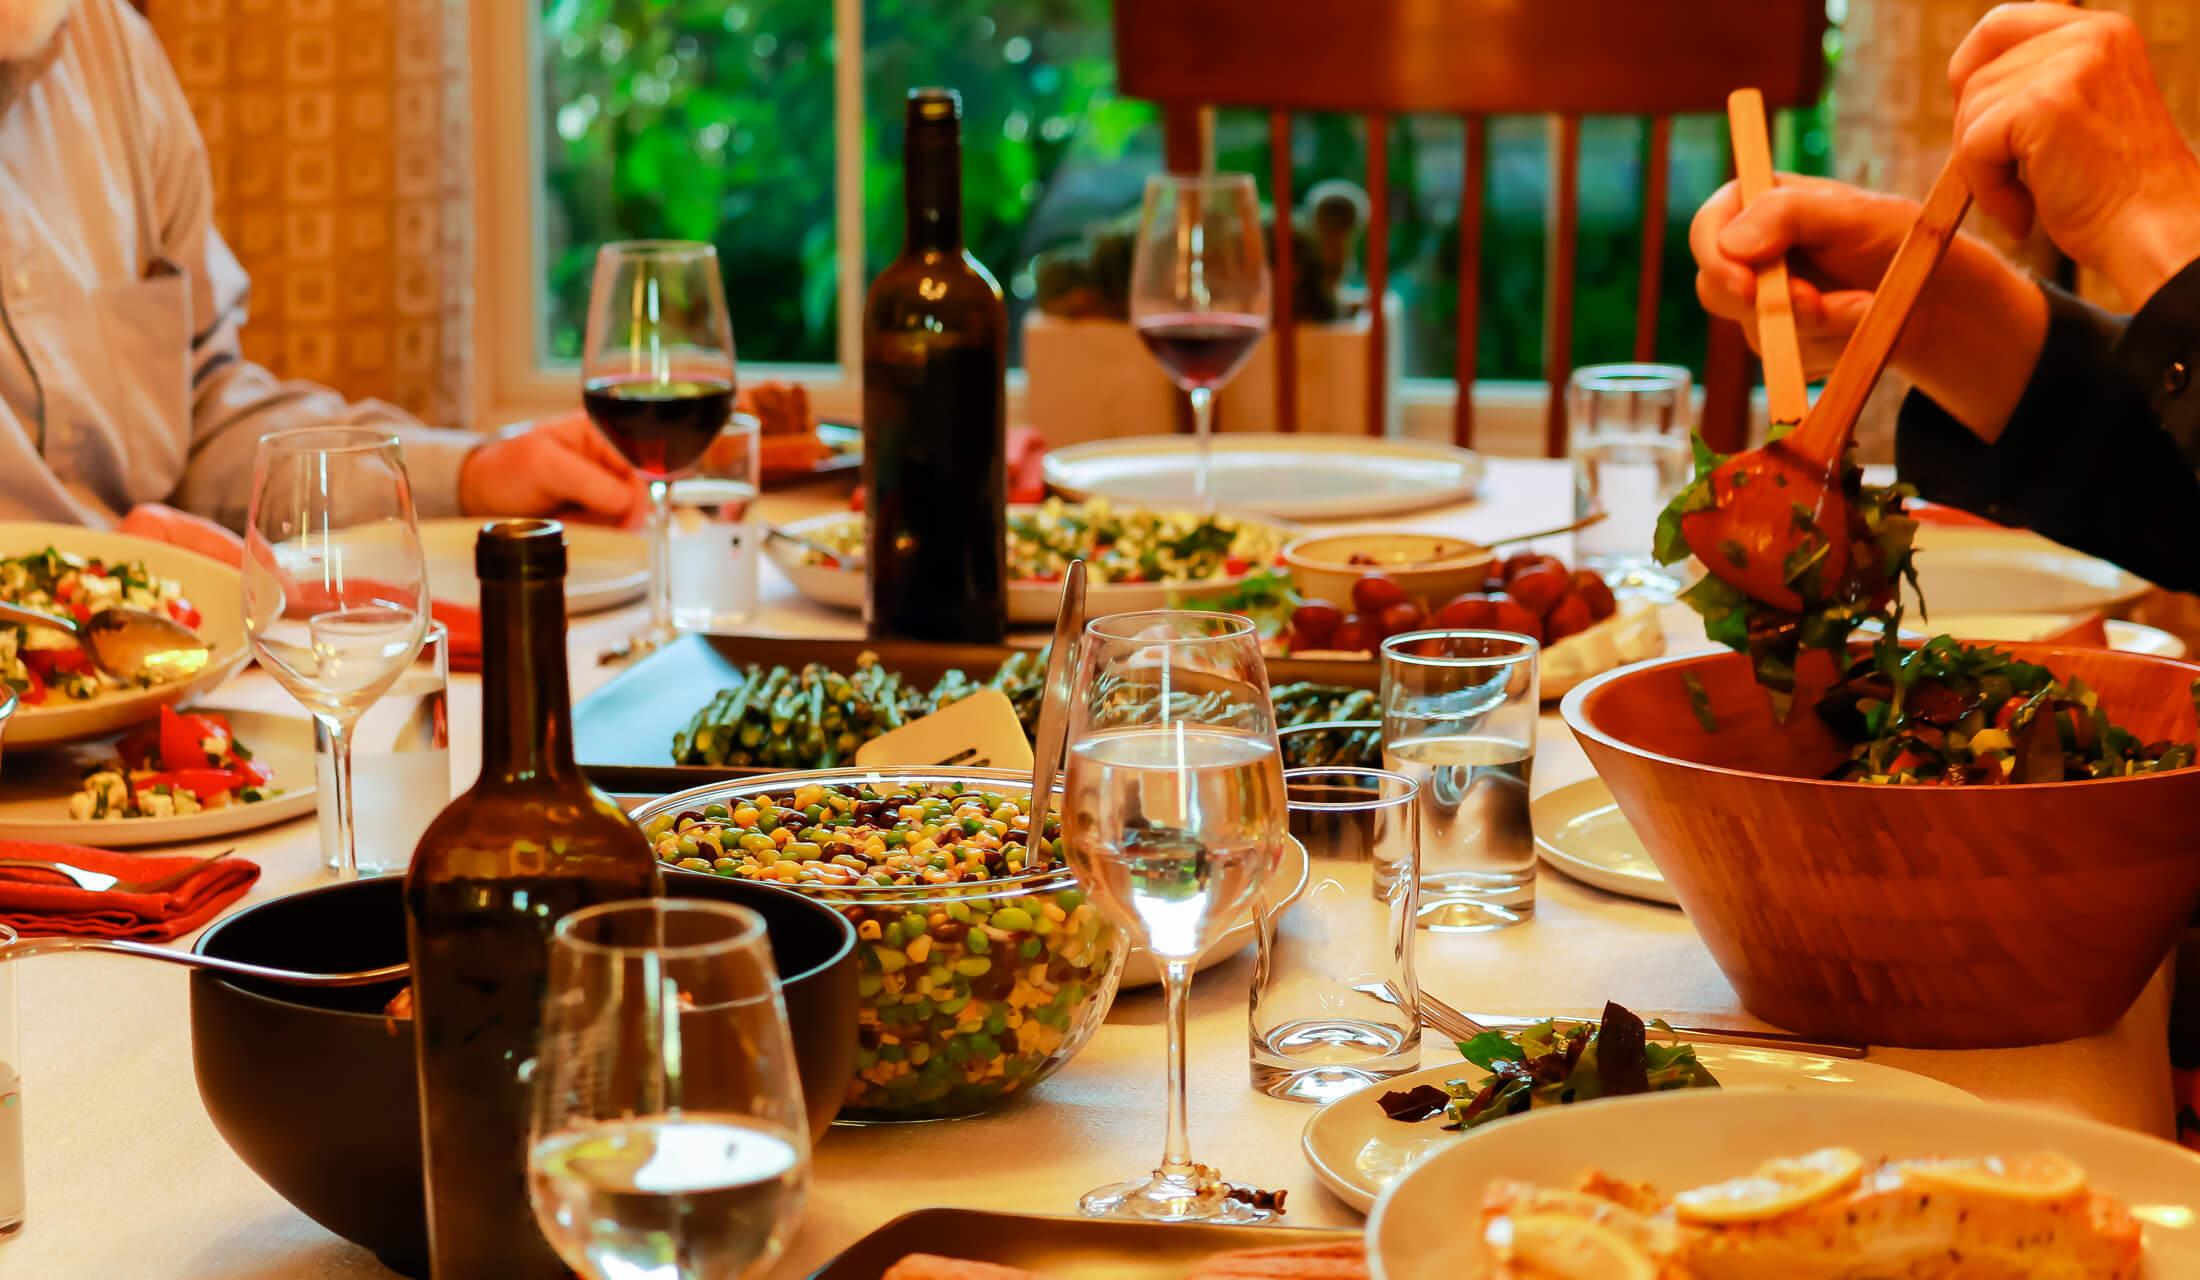 赤ワインやサラダなどがテーブルに上に乗せられ、1名がサラダをお皿へ盛り分けている様子